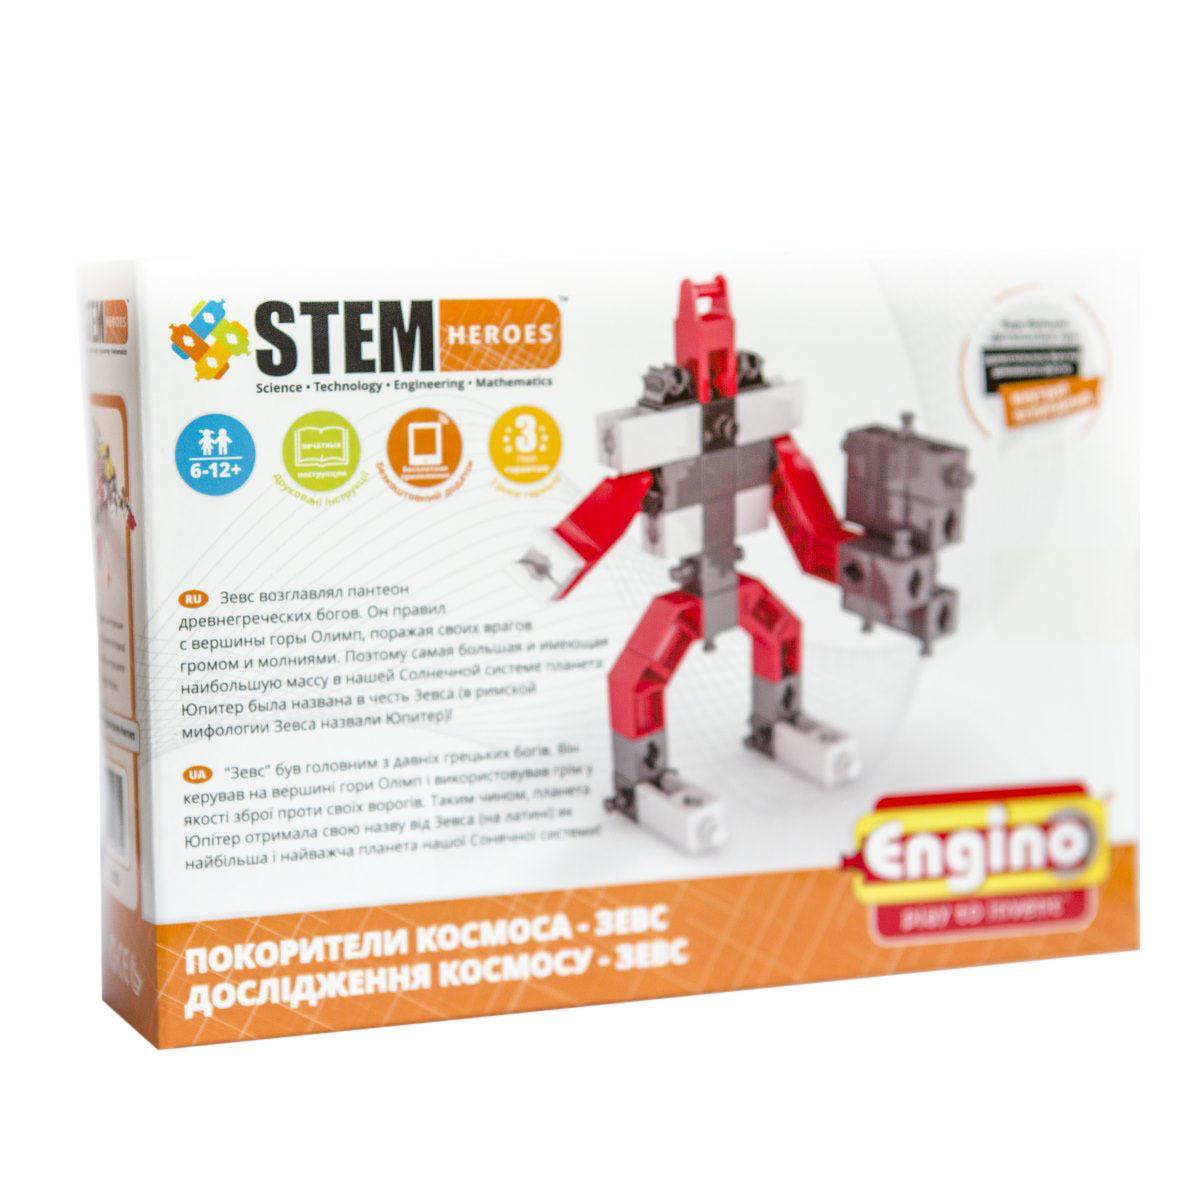 Купить Конструктор ENGINO SH22 STEM HEROES. Покорители Космоса. Зевс, Кипр